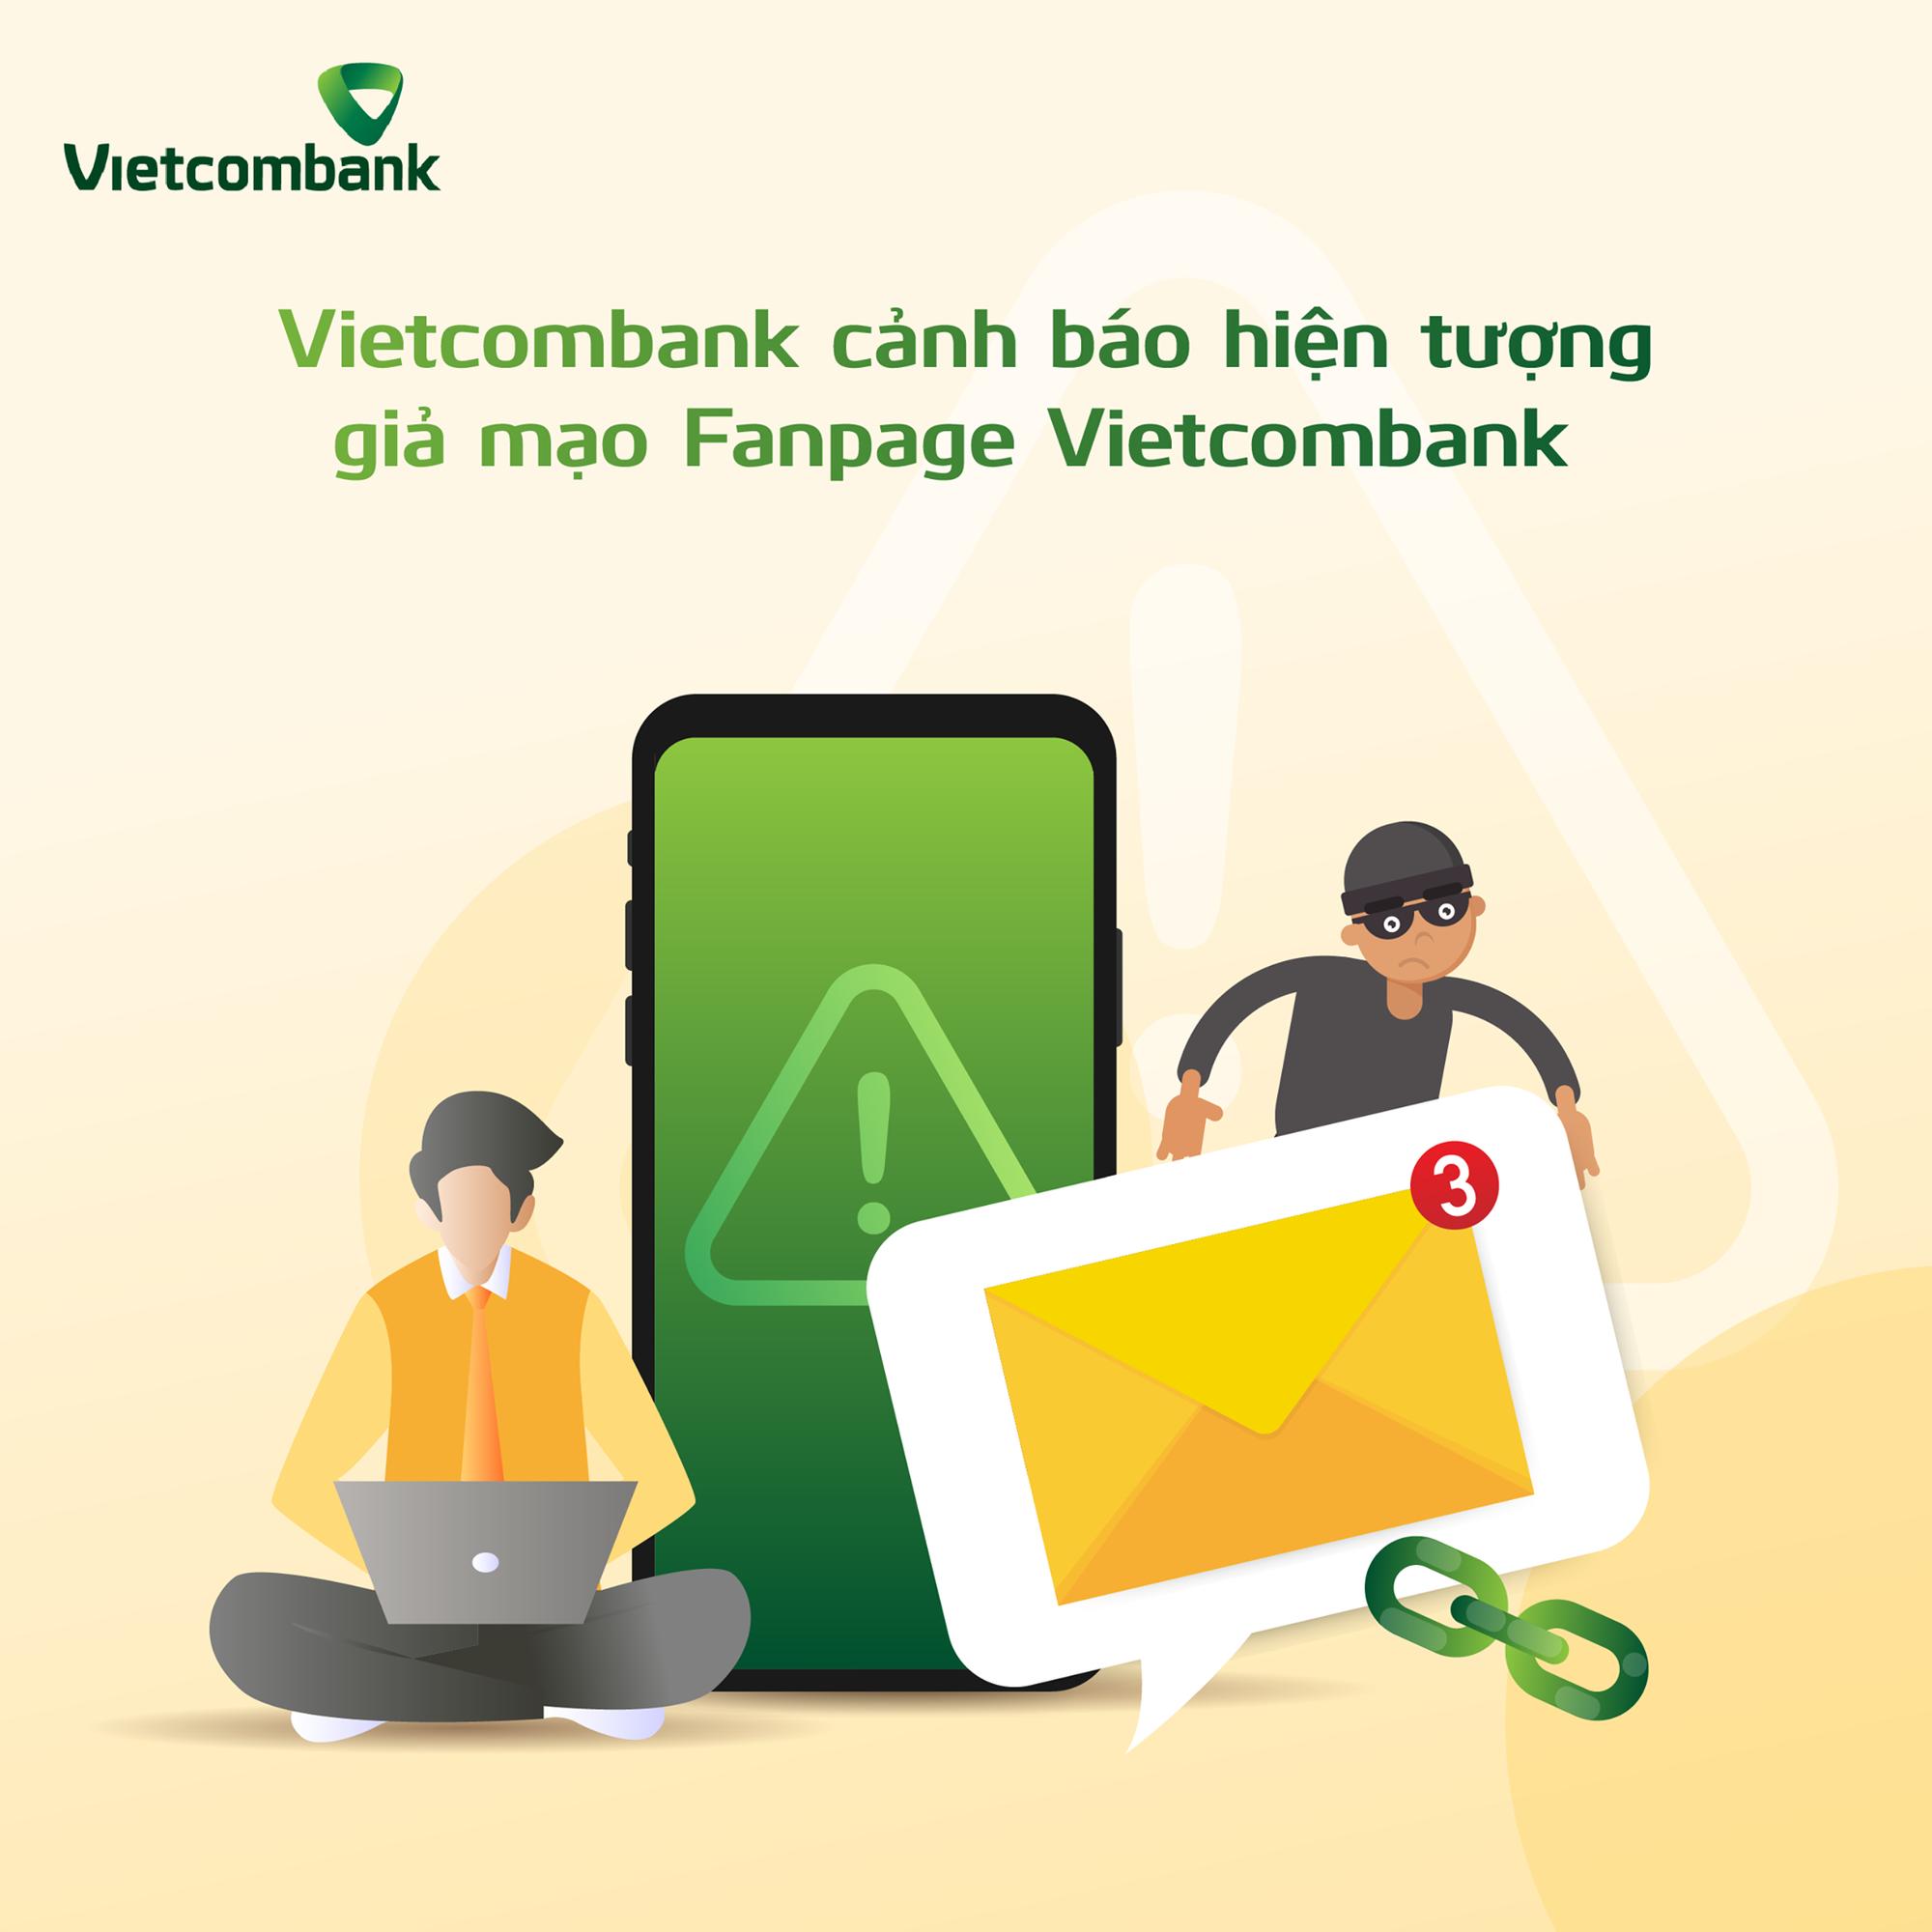 Vietcombank cảnh báo tình trạng xuất hiện Fanpage giả mạo sau lùm xùm các vụ việc sao kê - Ảnh 1.